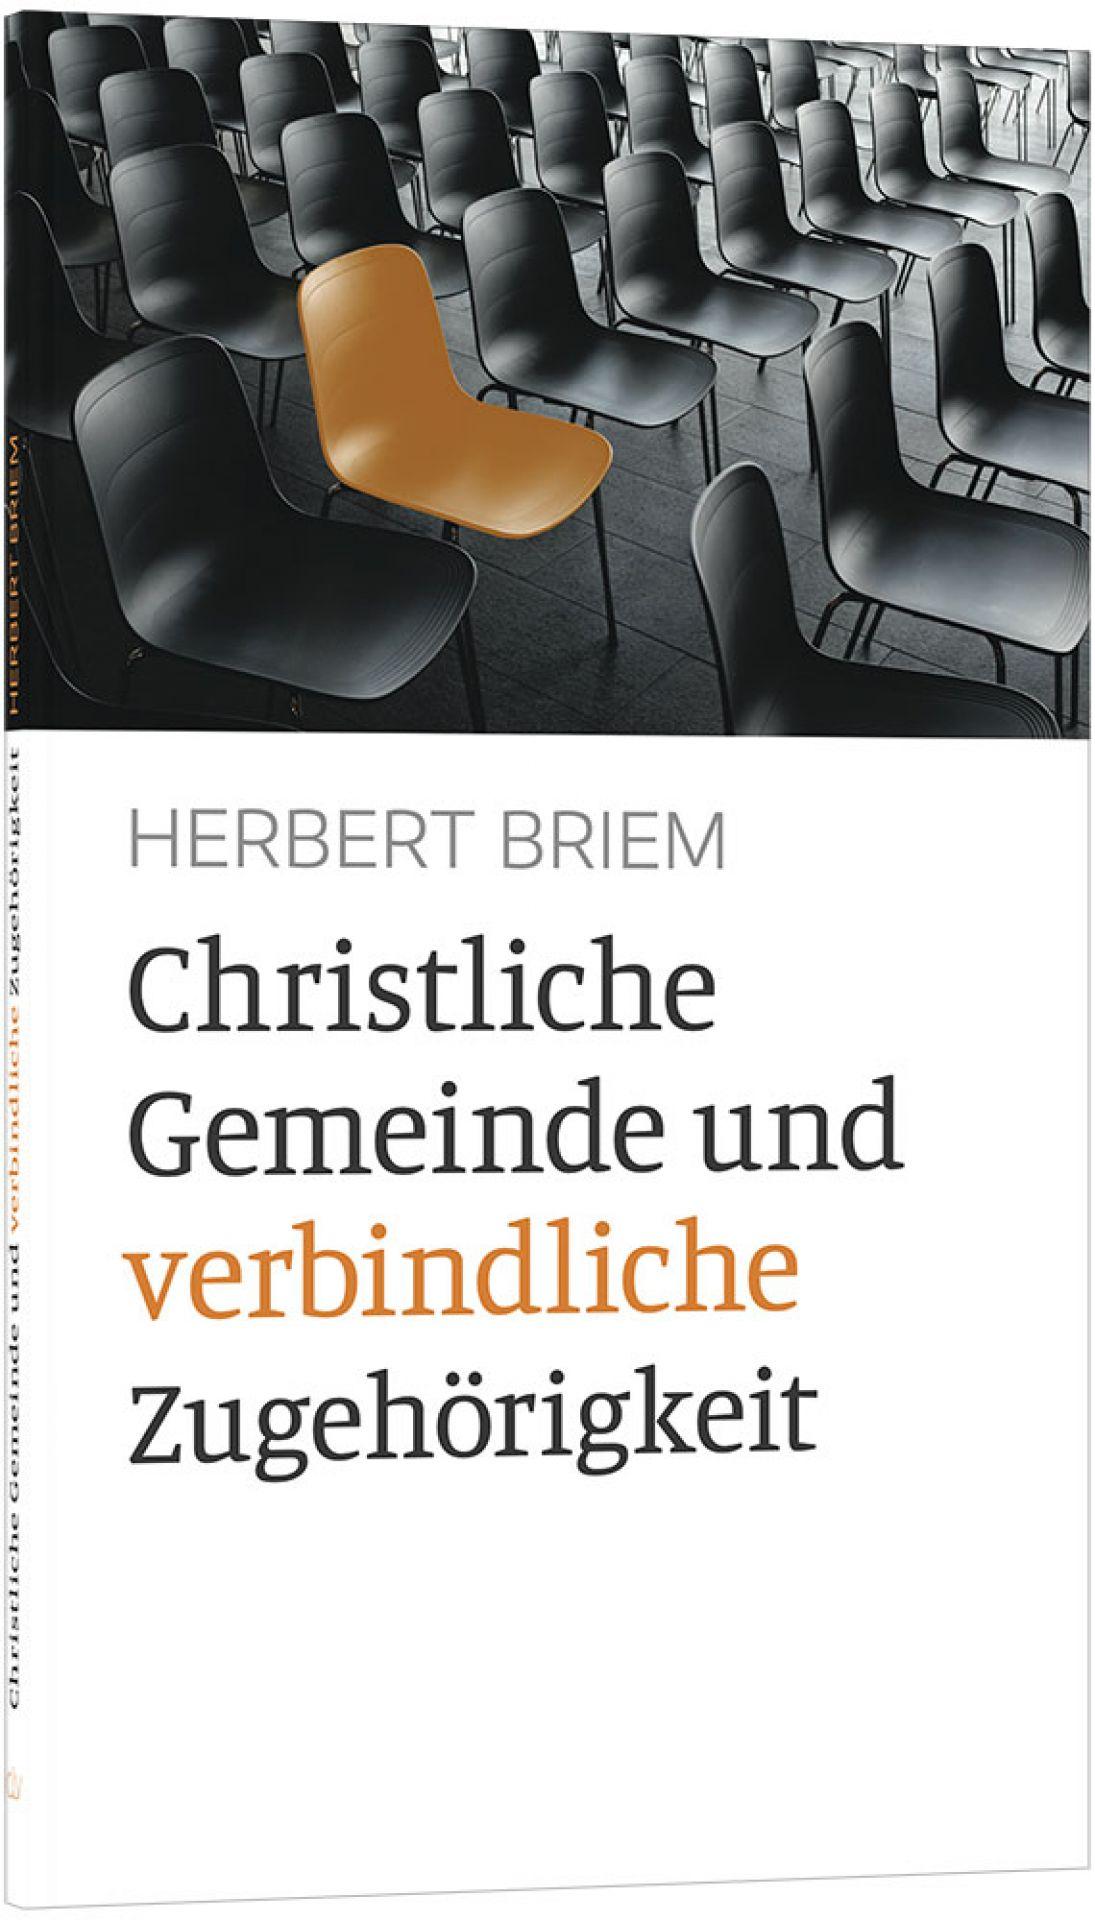 https://clv.de/thumbnail/50/bb/2e/1591273432/clv_christliche-gemeinde-und-verbindliche-zugehoerigkeit_herbert-briem_256754_01_1920x1920.jpg